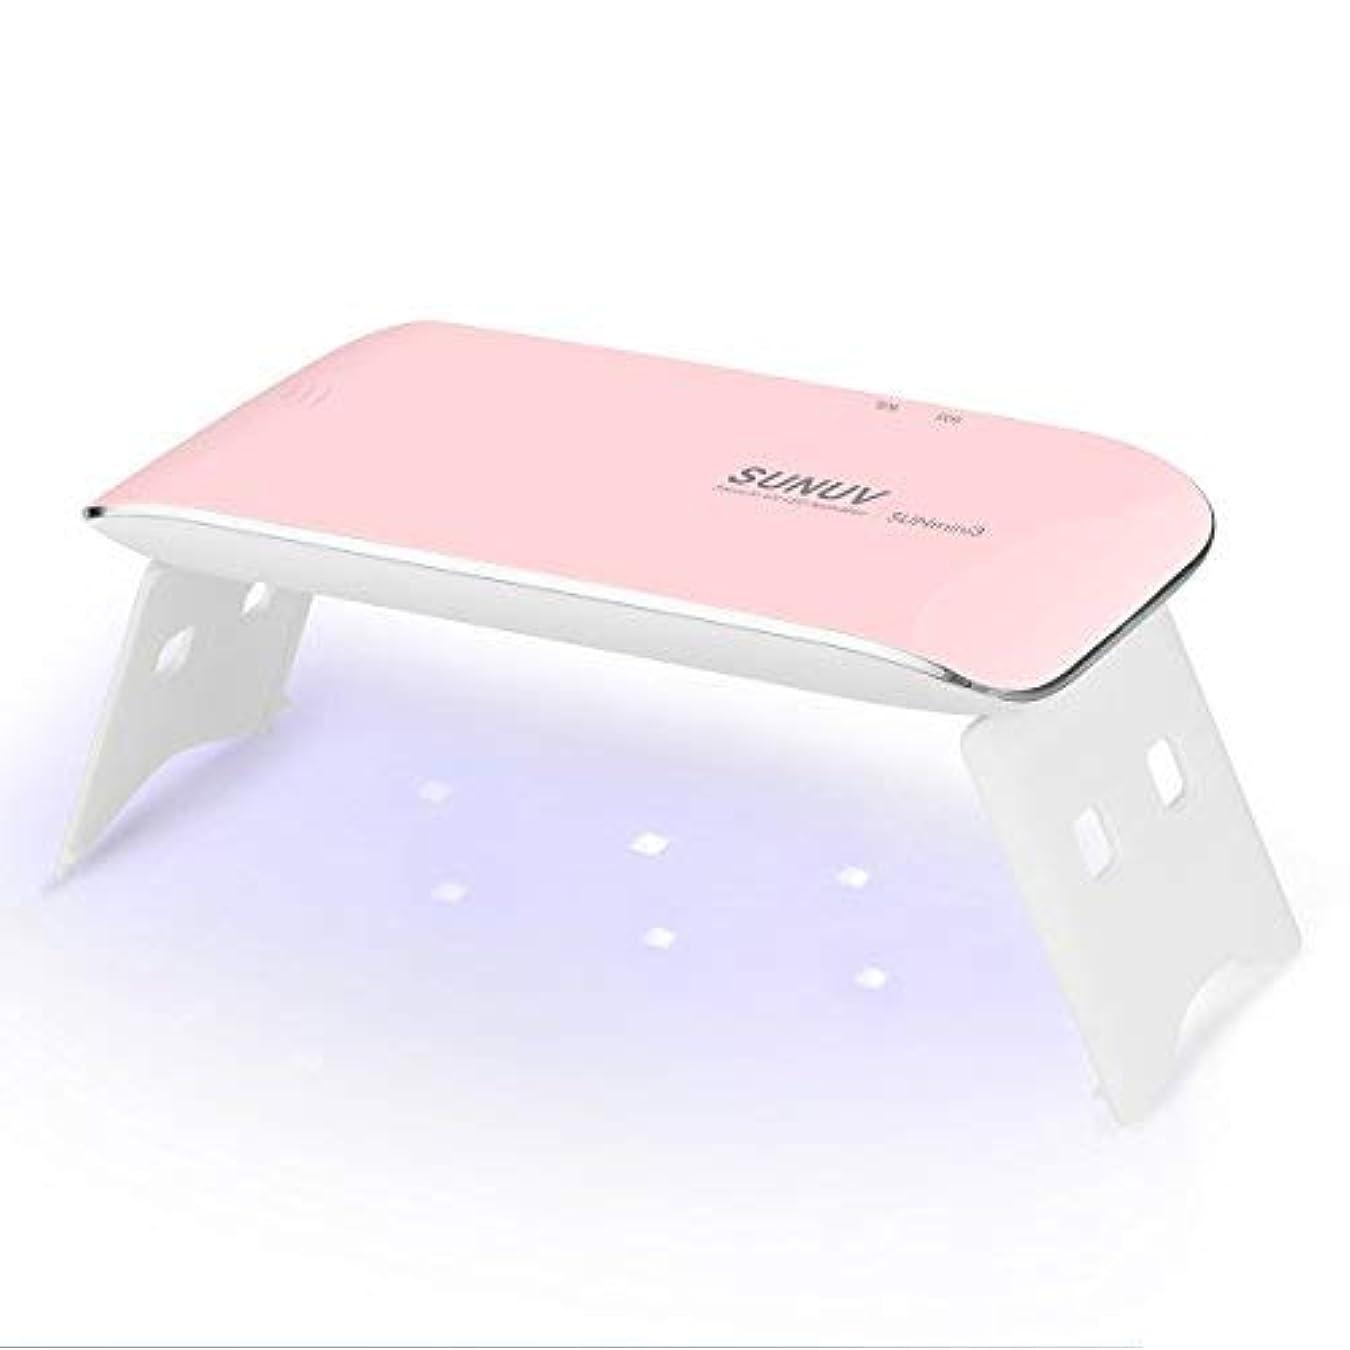 心配するスケッチドットSUNUV UV LEDライト ネイルドライヤー mini ミニ ジェルネイルライト 日本語説明書 ネイルライト 6W 初心者 電池 USB給電 2倍の長寿命 カワイイ 携帯式 一年保証期間